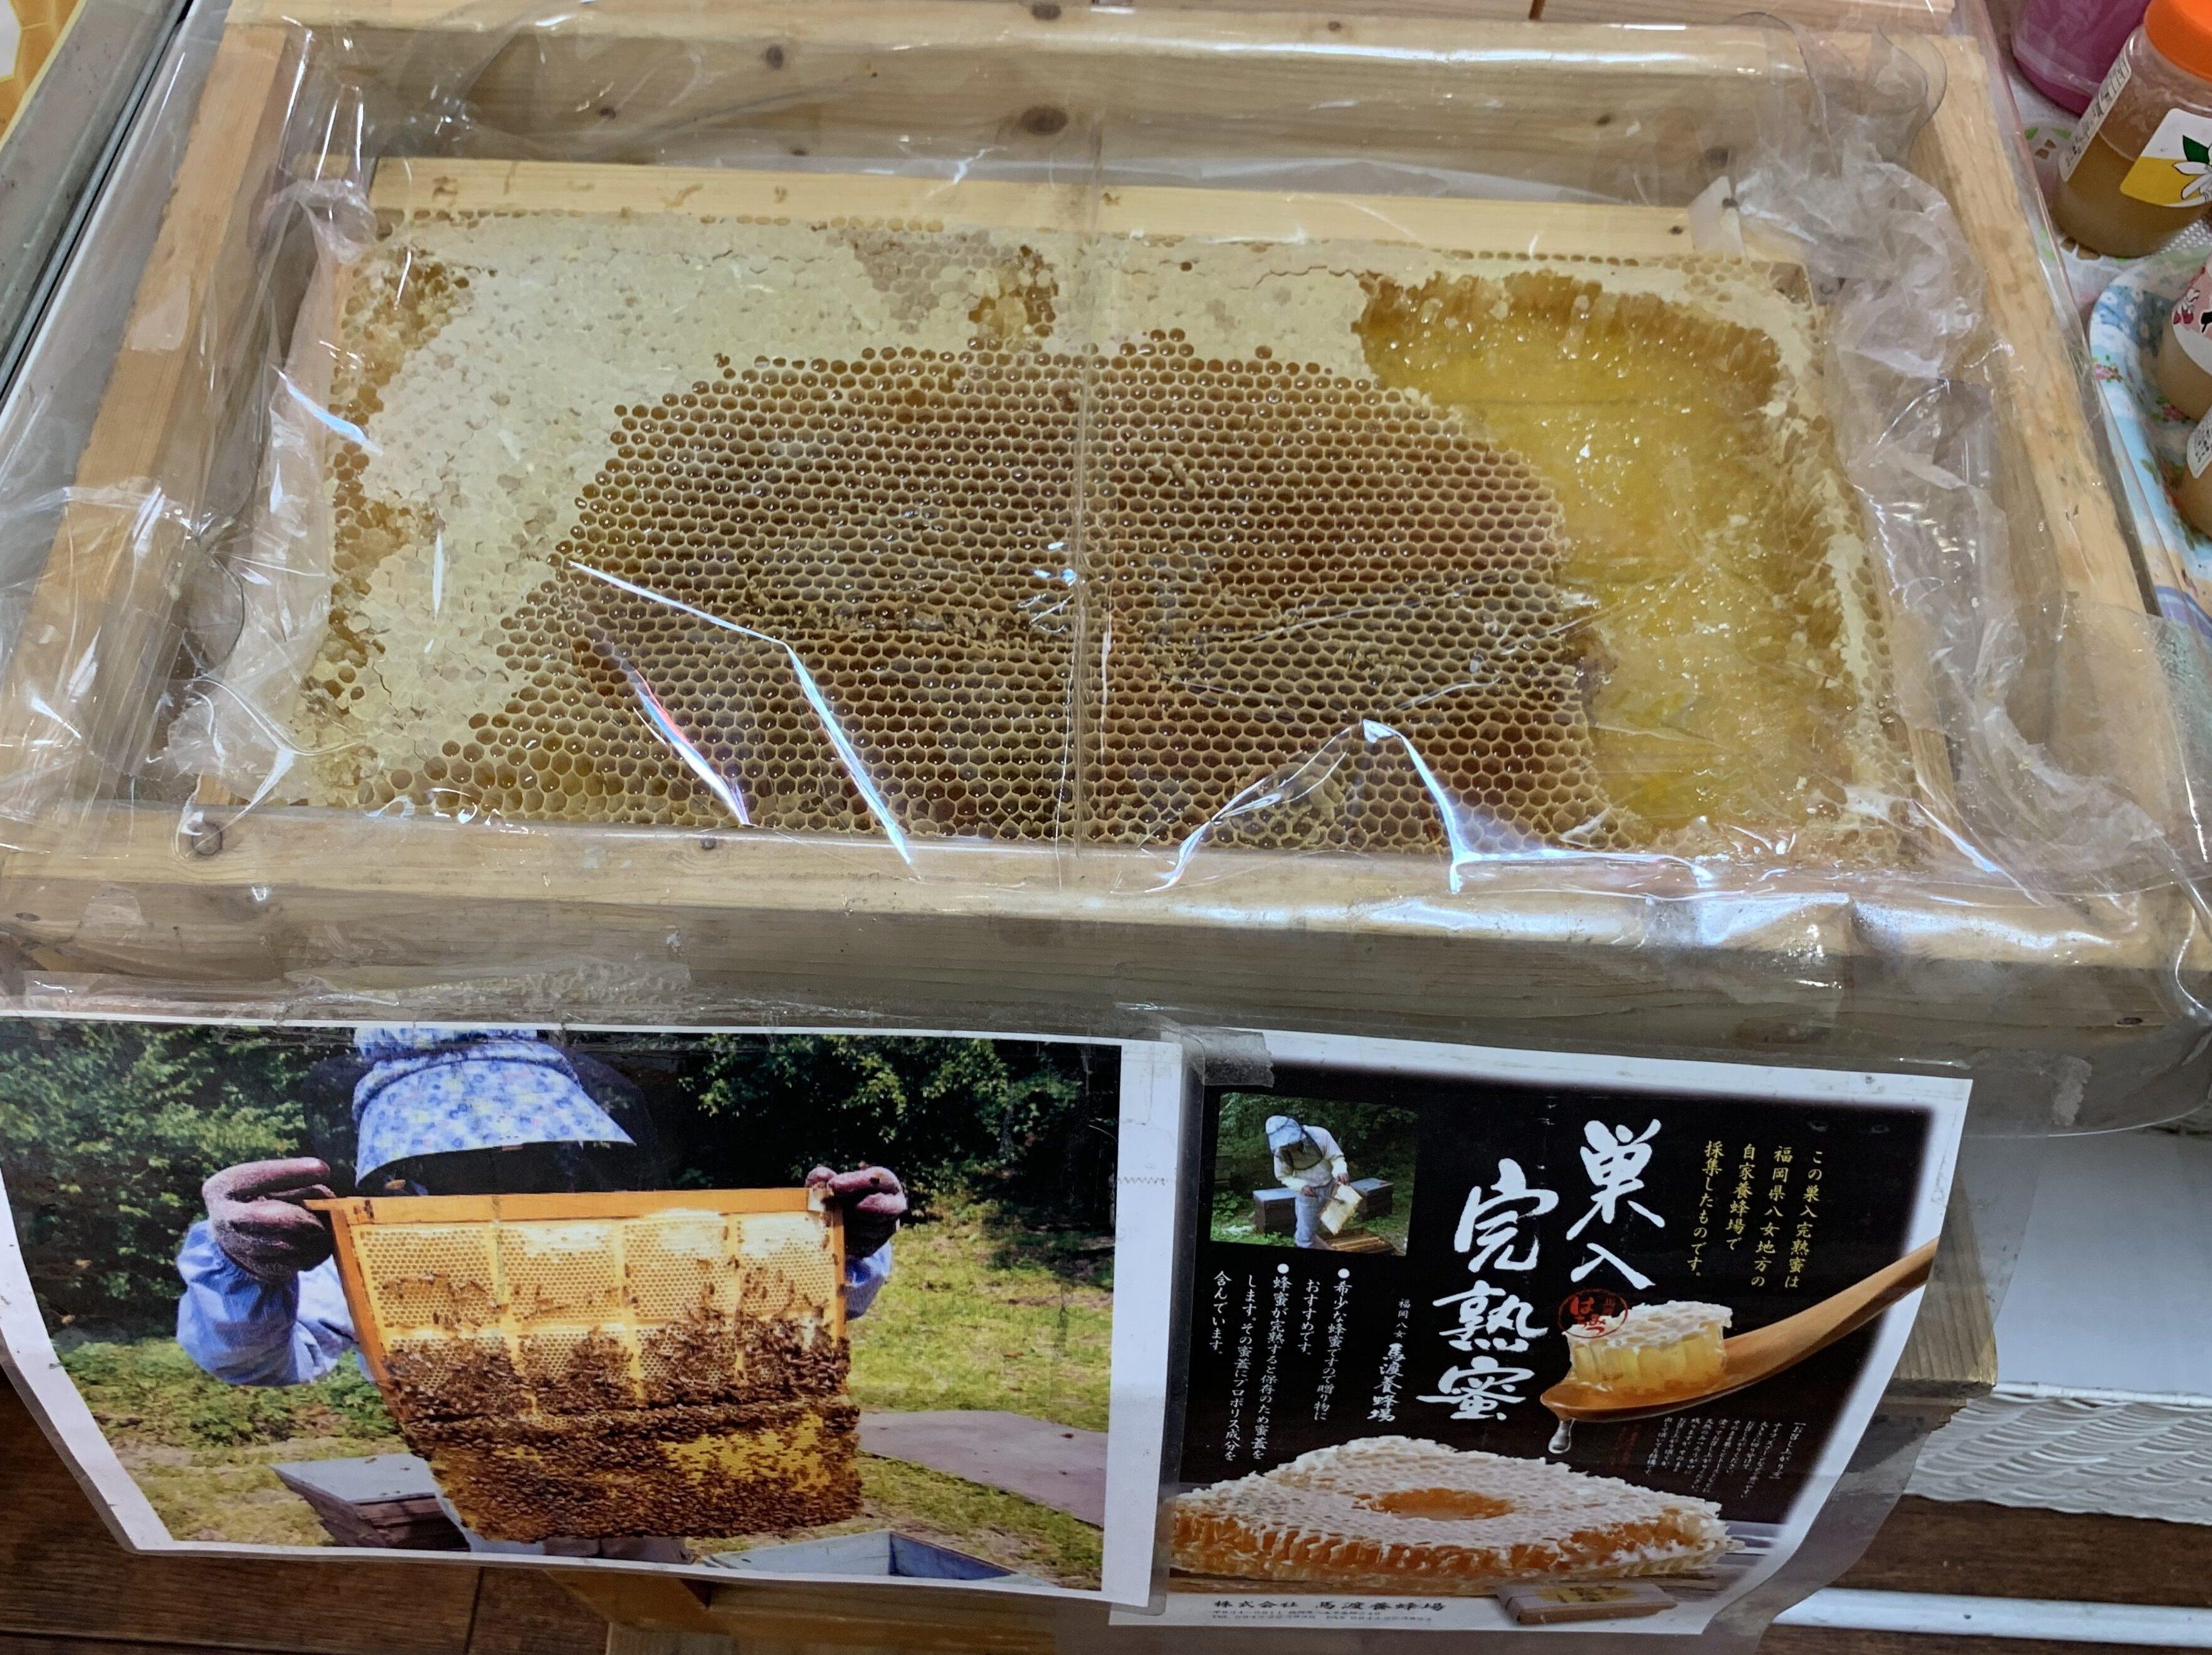 馬渡養蜂場,自由が丘,自由が丘デパート,蜂蜜,ハチミツ,八女